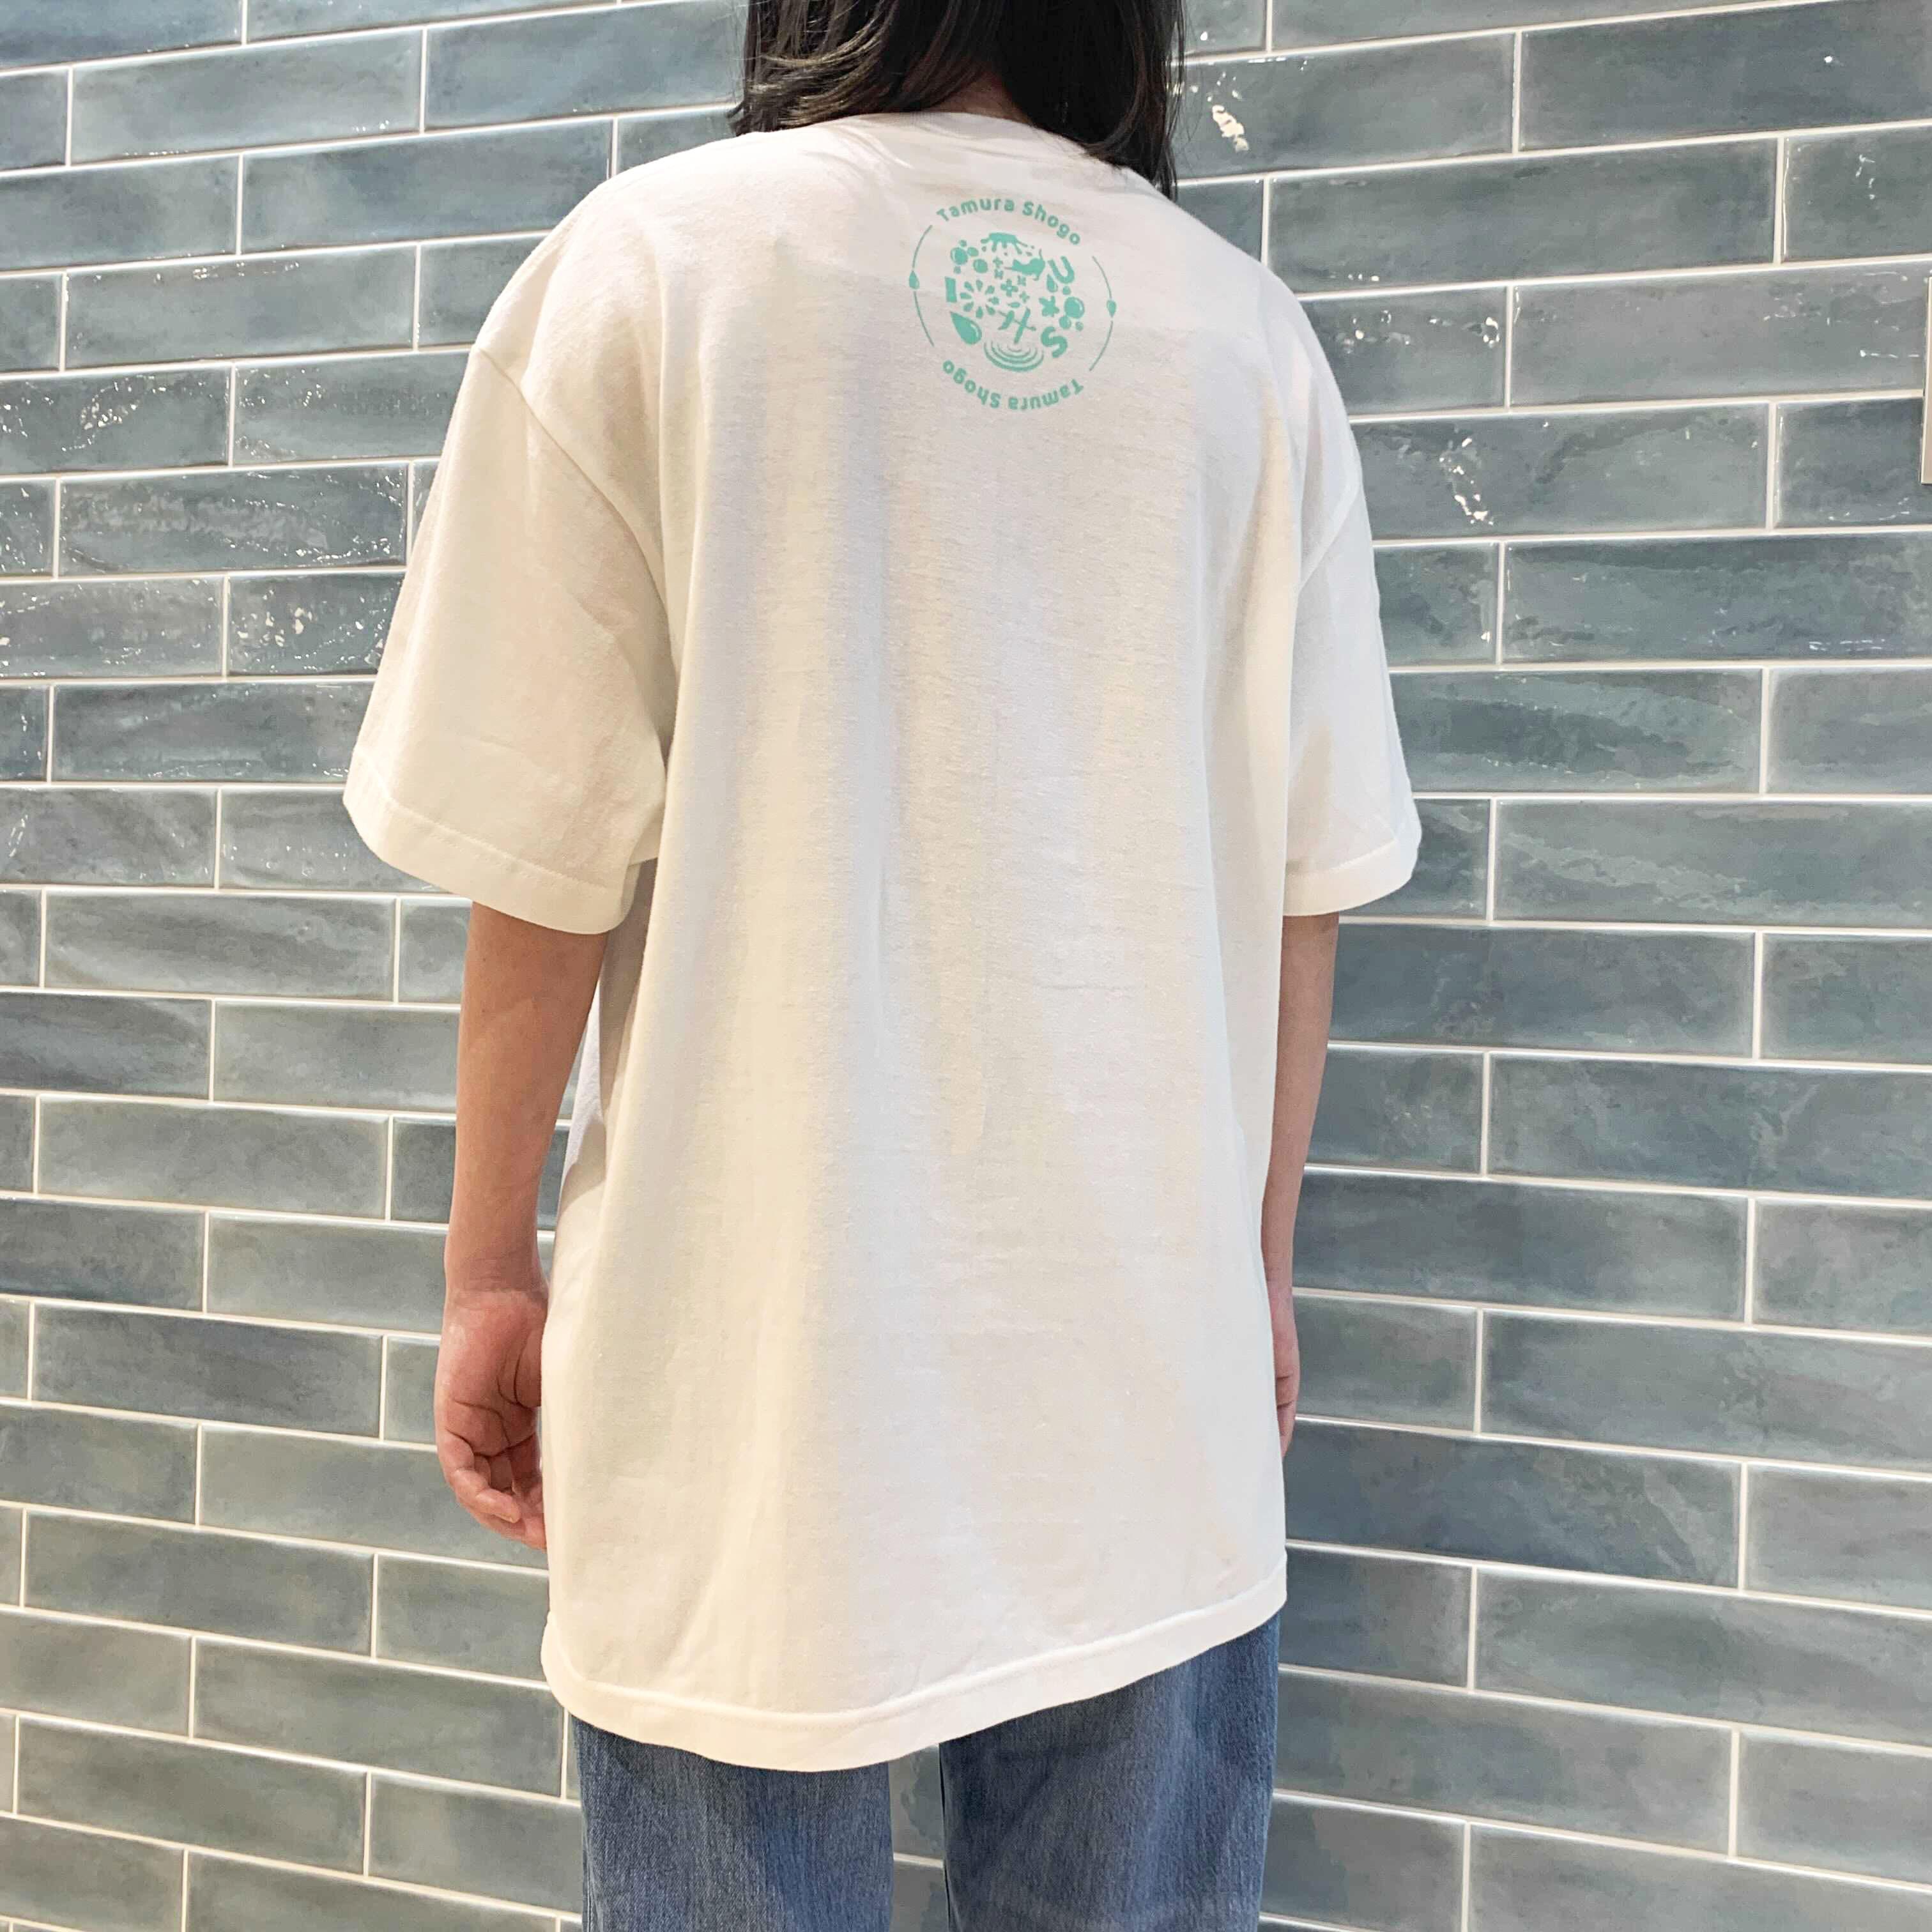 【田村升吾】ロゴ入りTシャツ